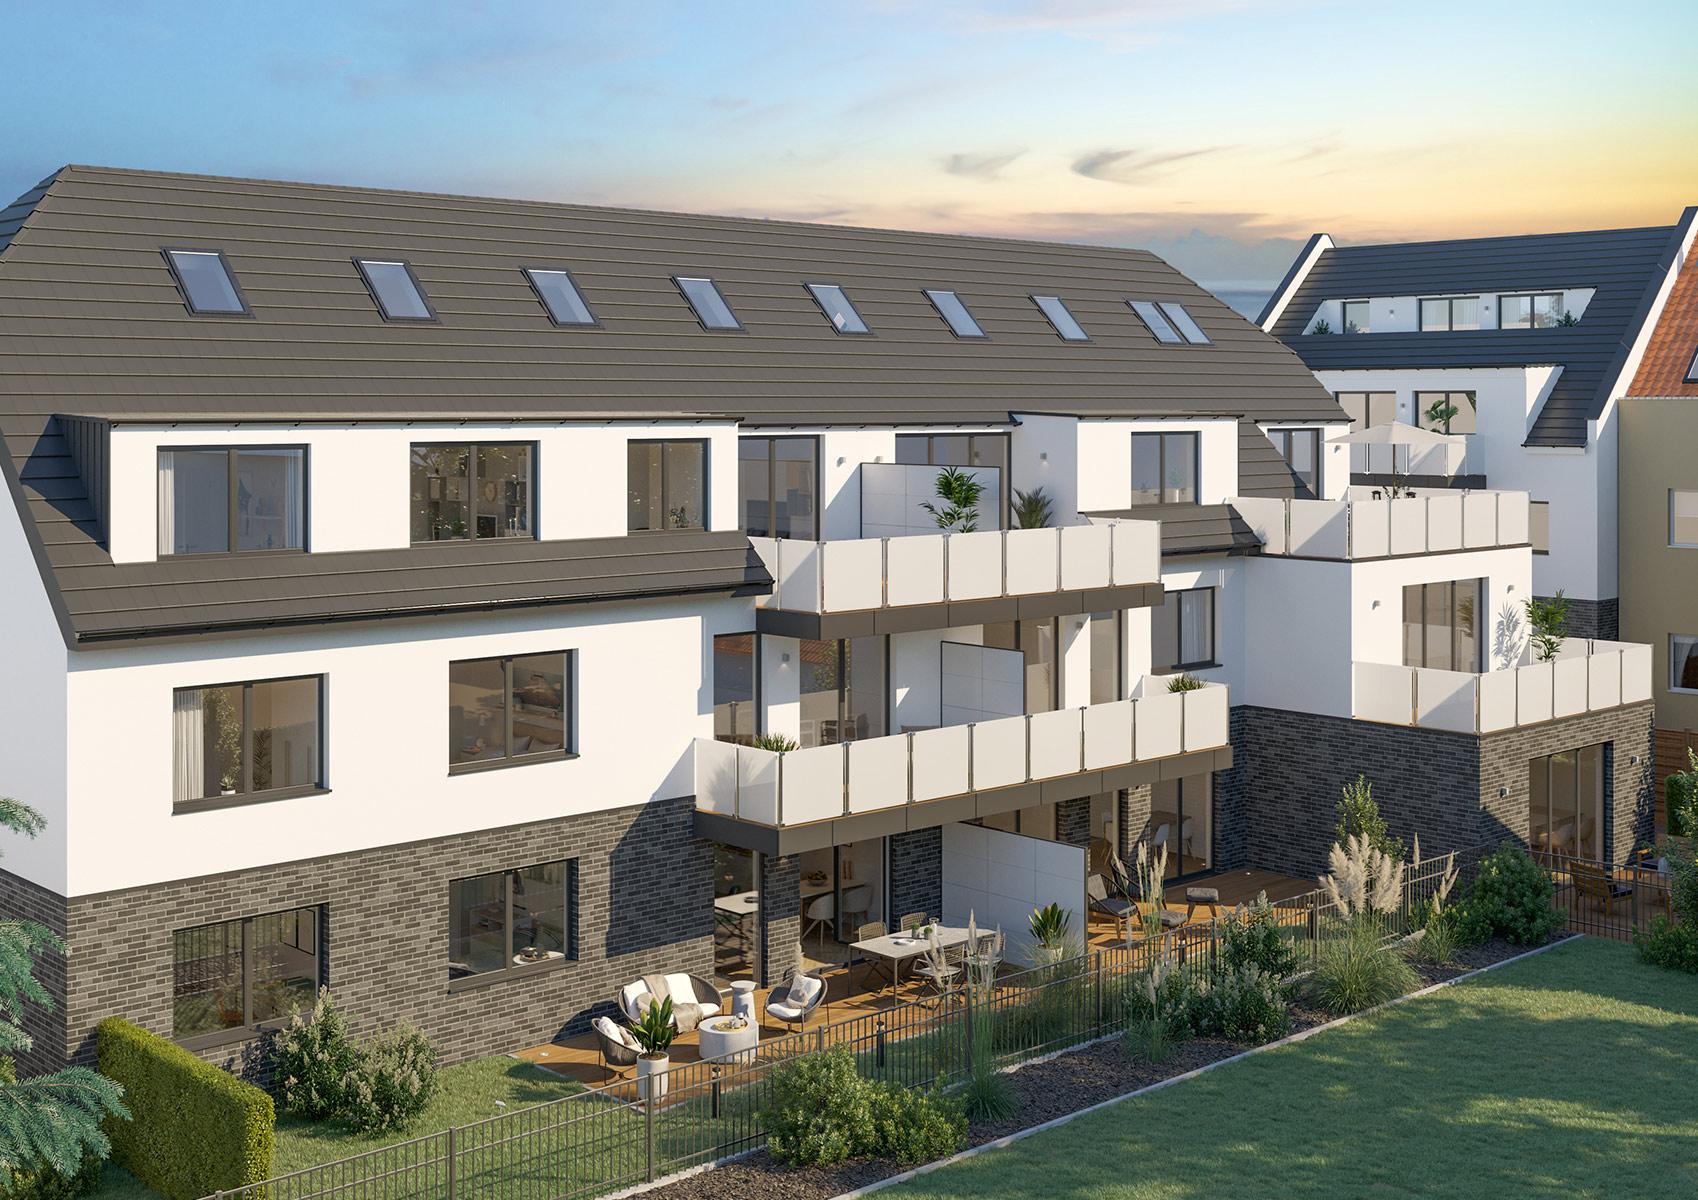 Mehrfamilienhaus Köln Architekturvisualisierung